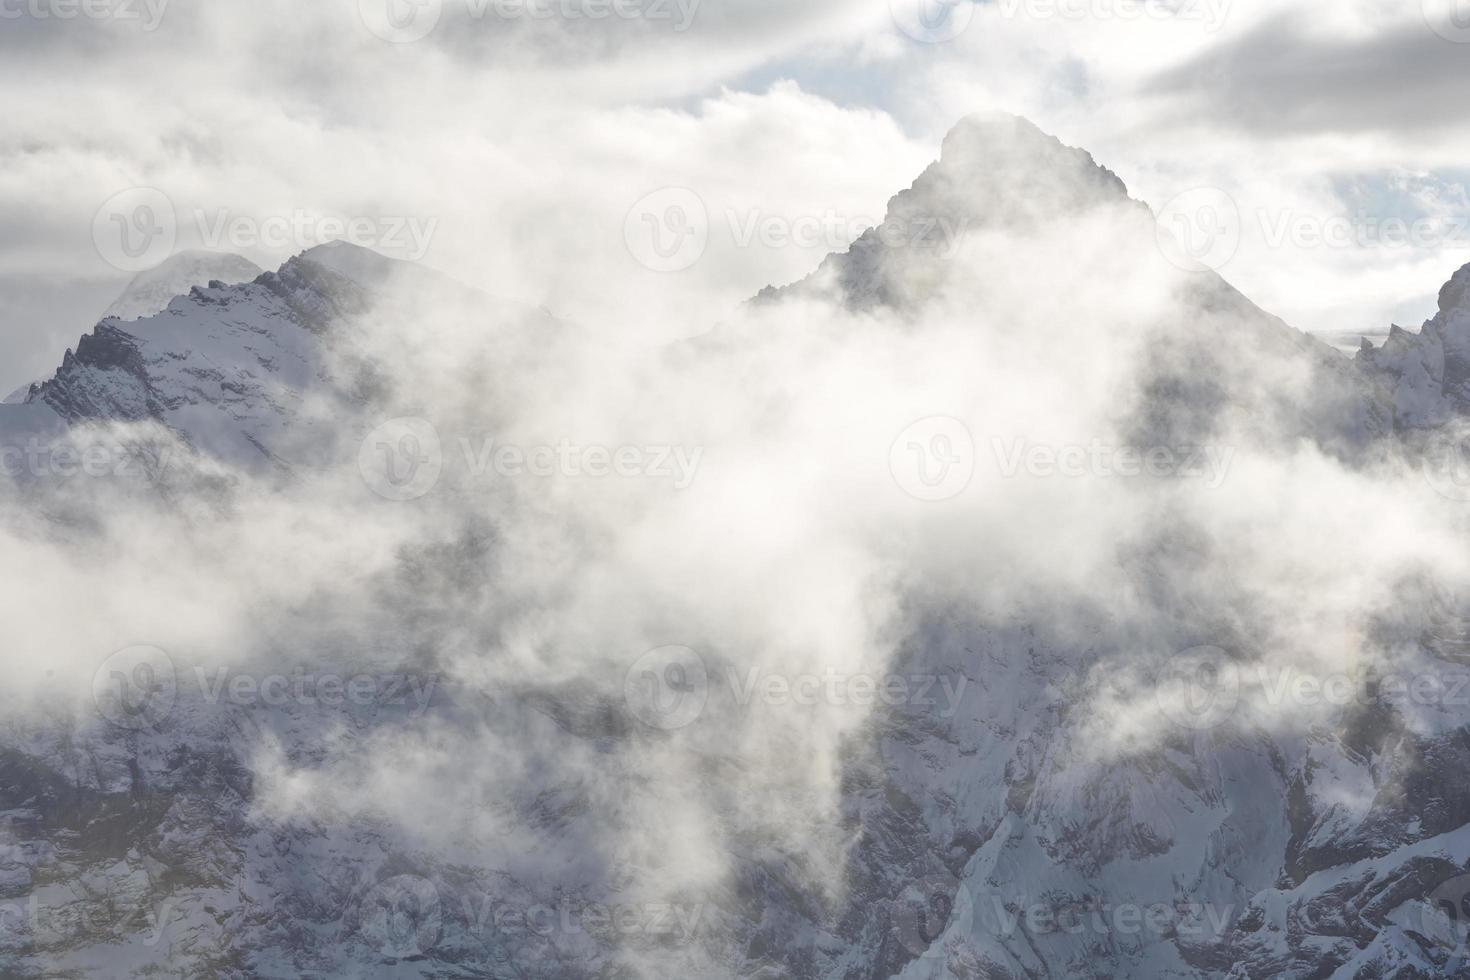 Wolken schweben über den Berggipfeln foto